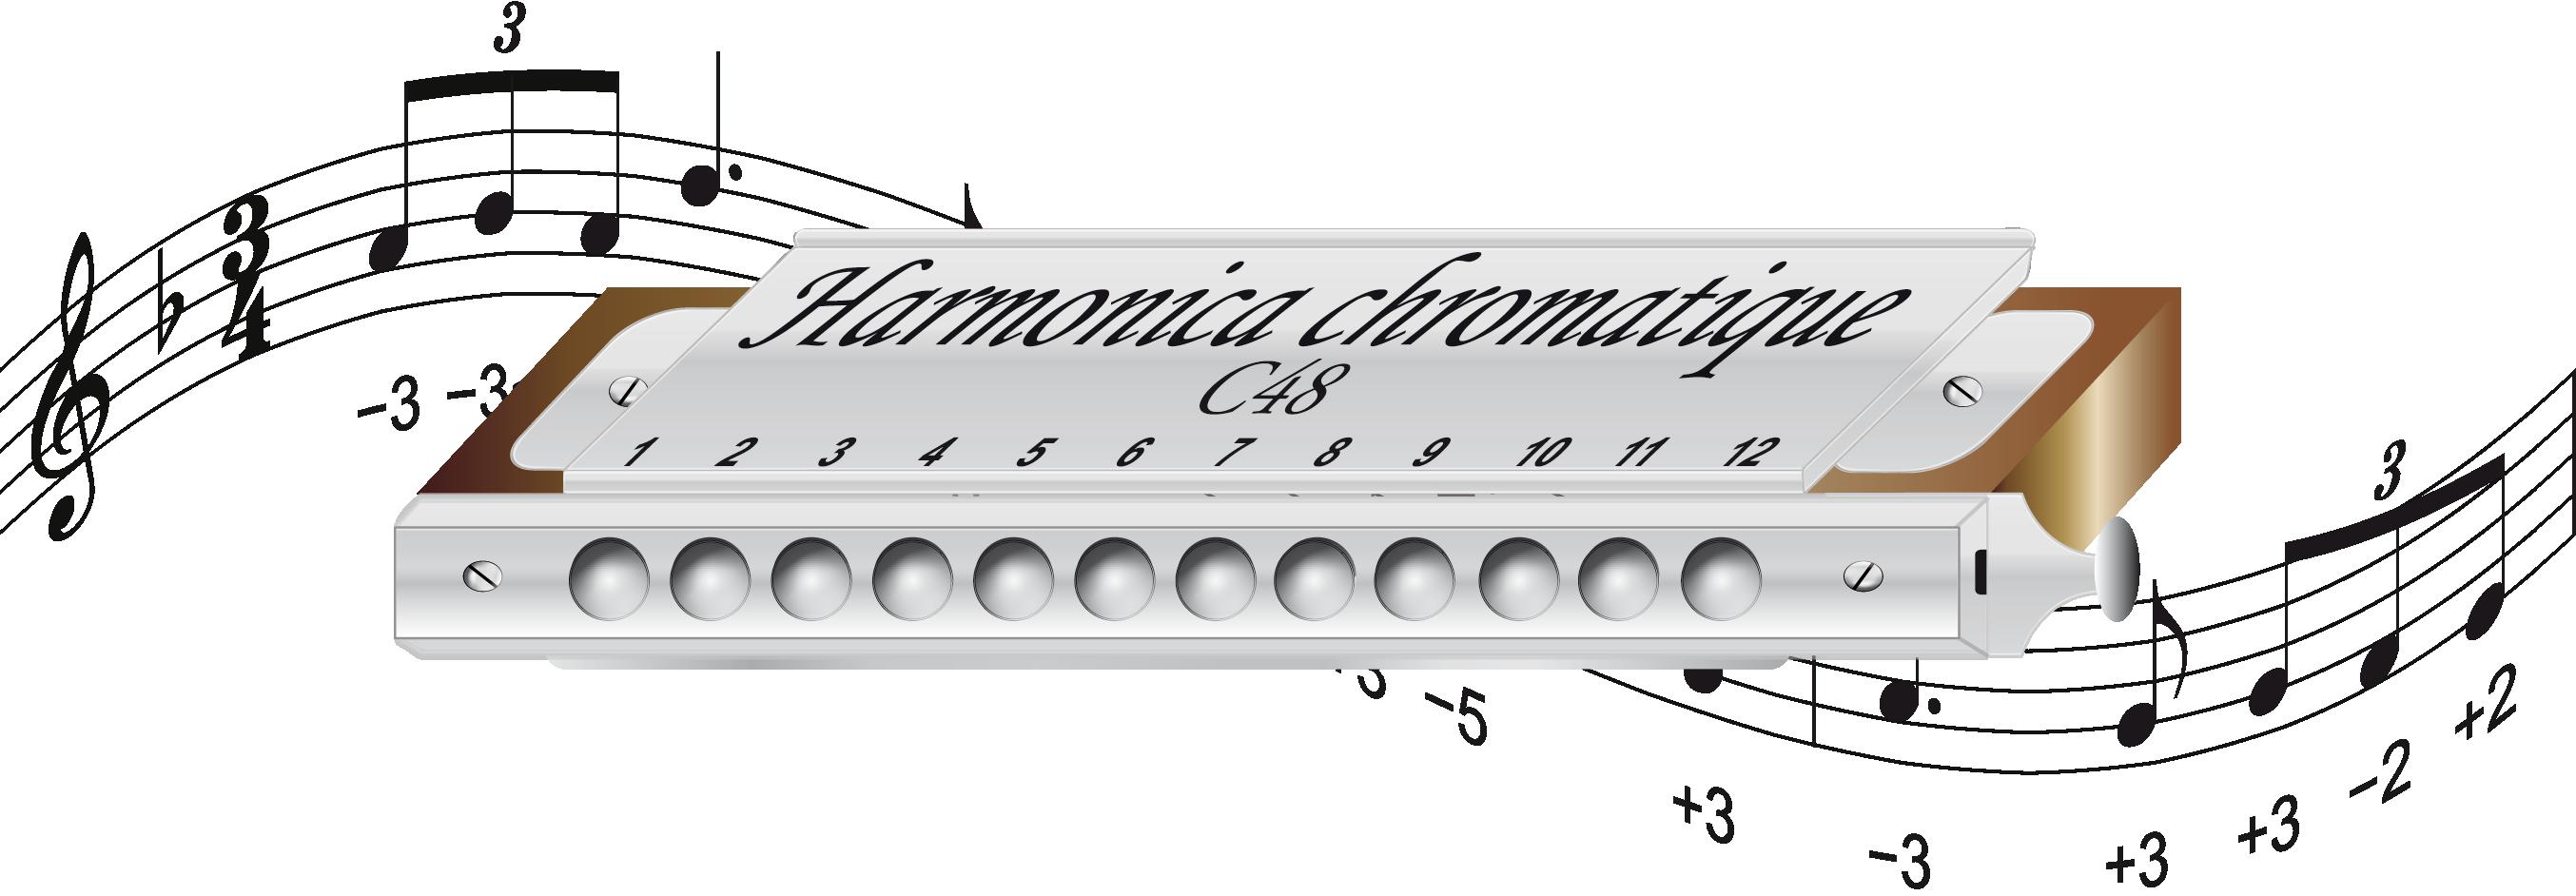 Harmonica Chromatique